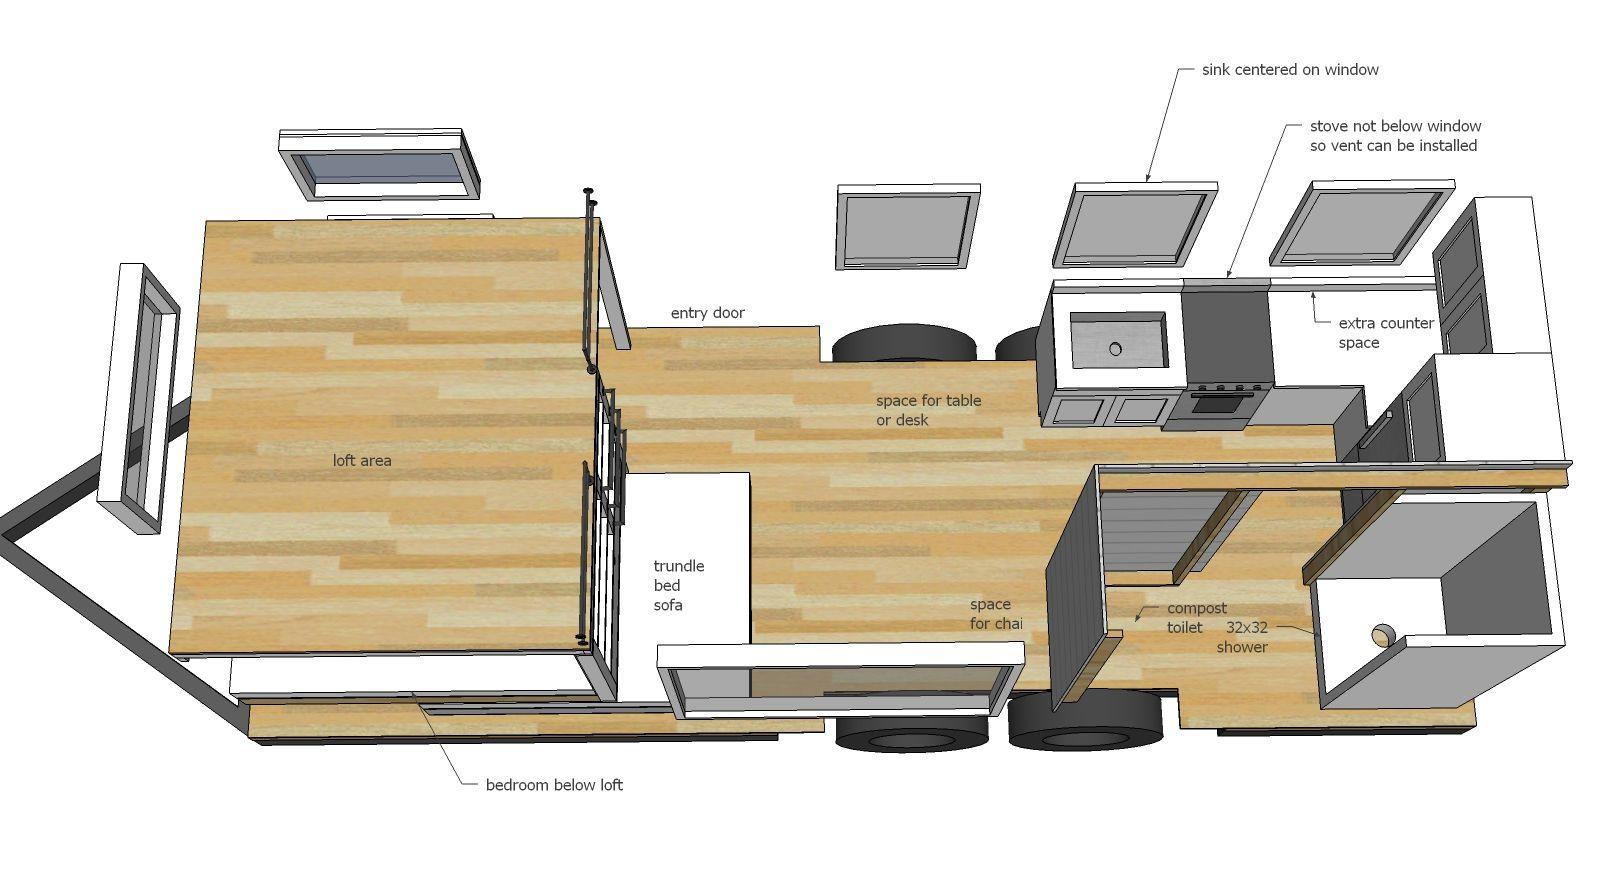 Plywood loft bed plans  sabrina jelita sabrinajelita on Pinterest